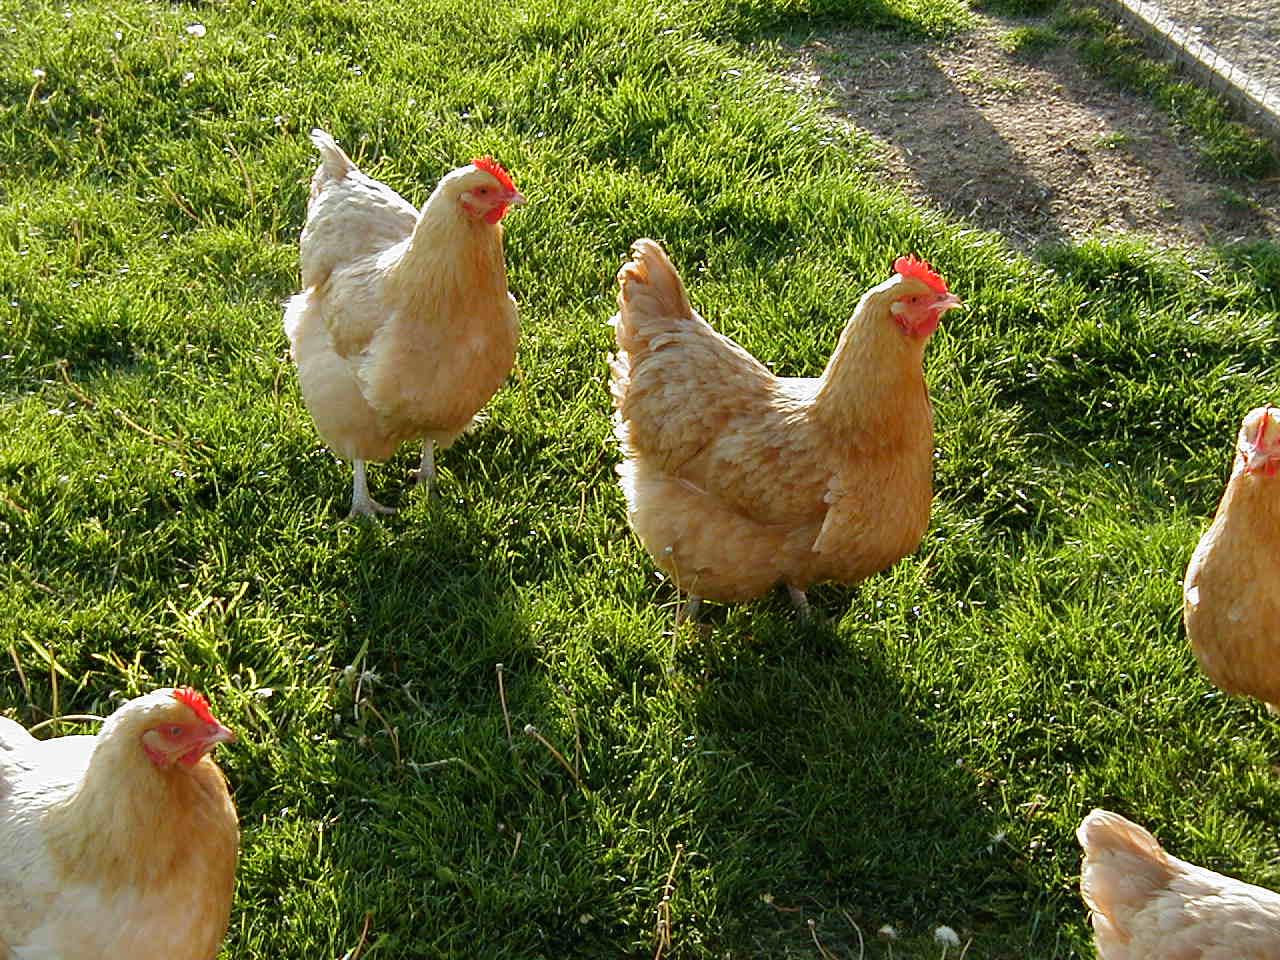 Chicken | Animal Wildlife